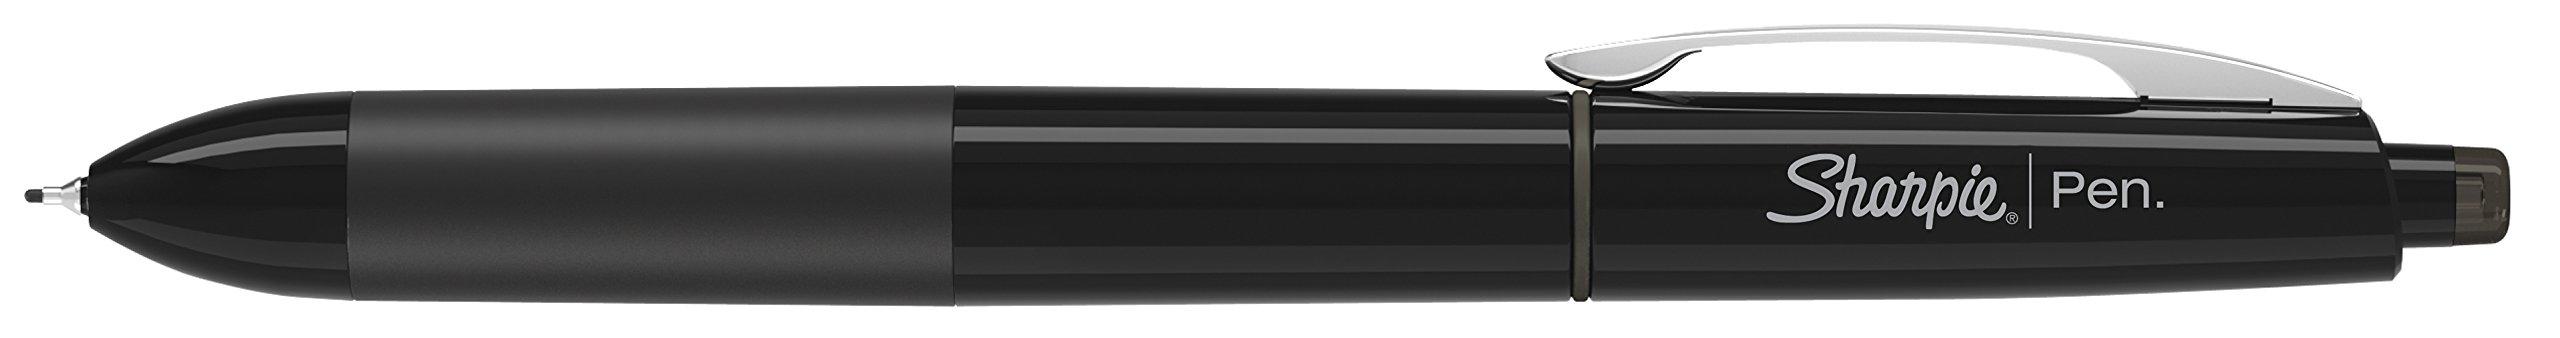 Sharpie 1753176 Retractable Pen, Fine Point, Black, 3-Count by Sharpie (Image #3)